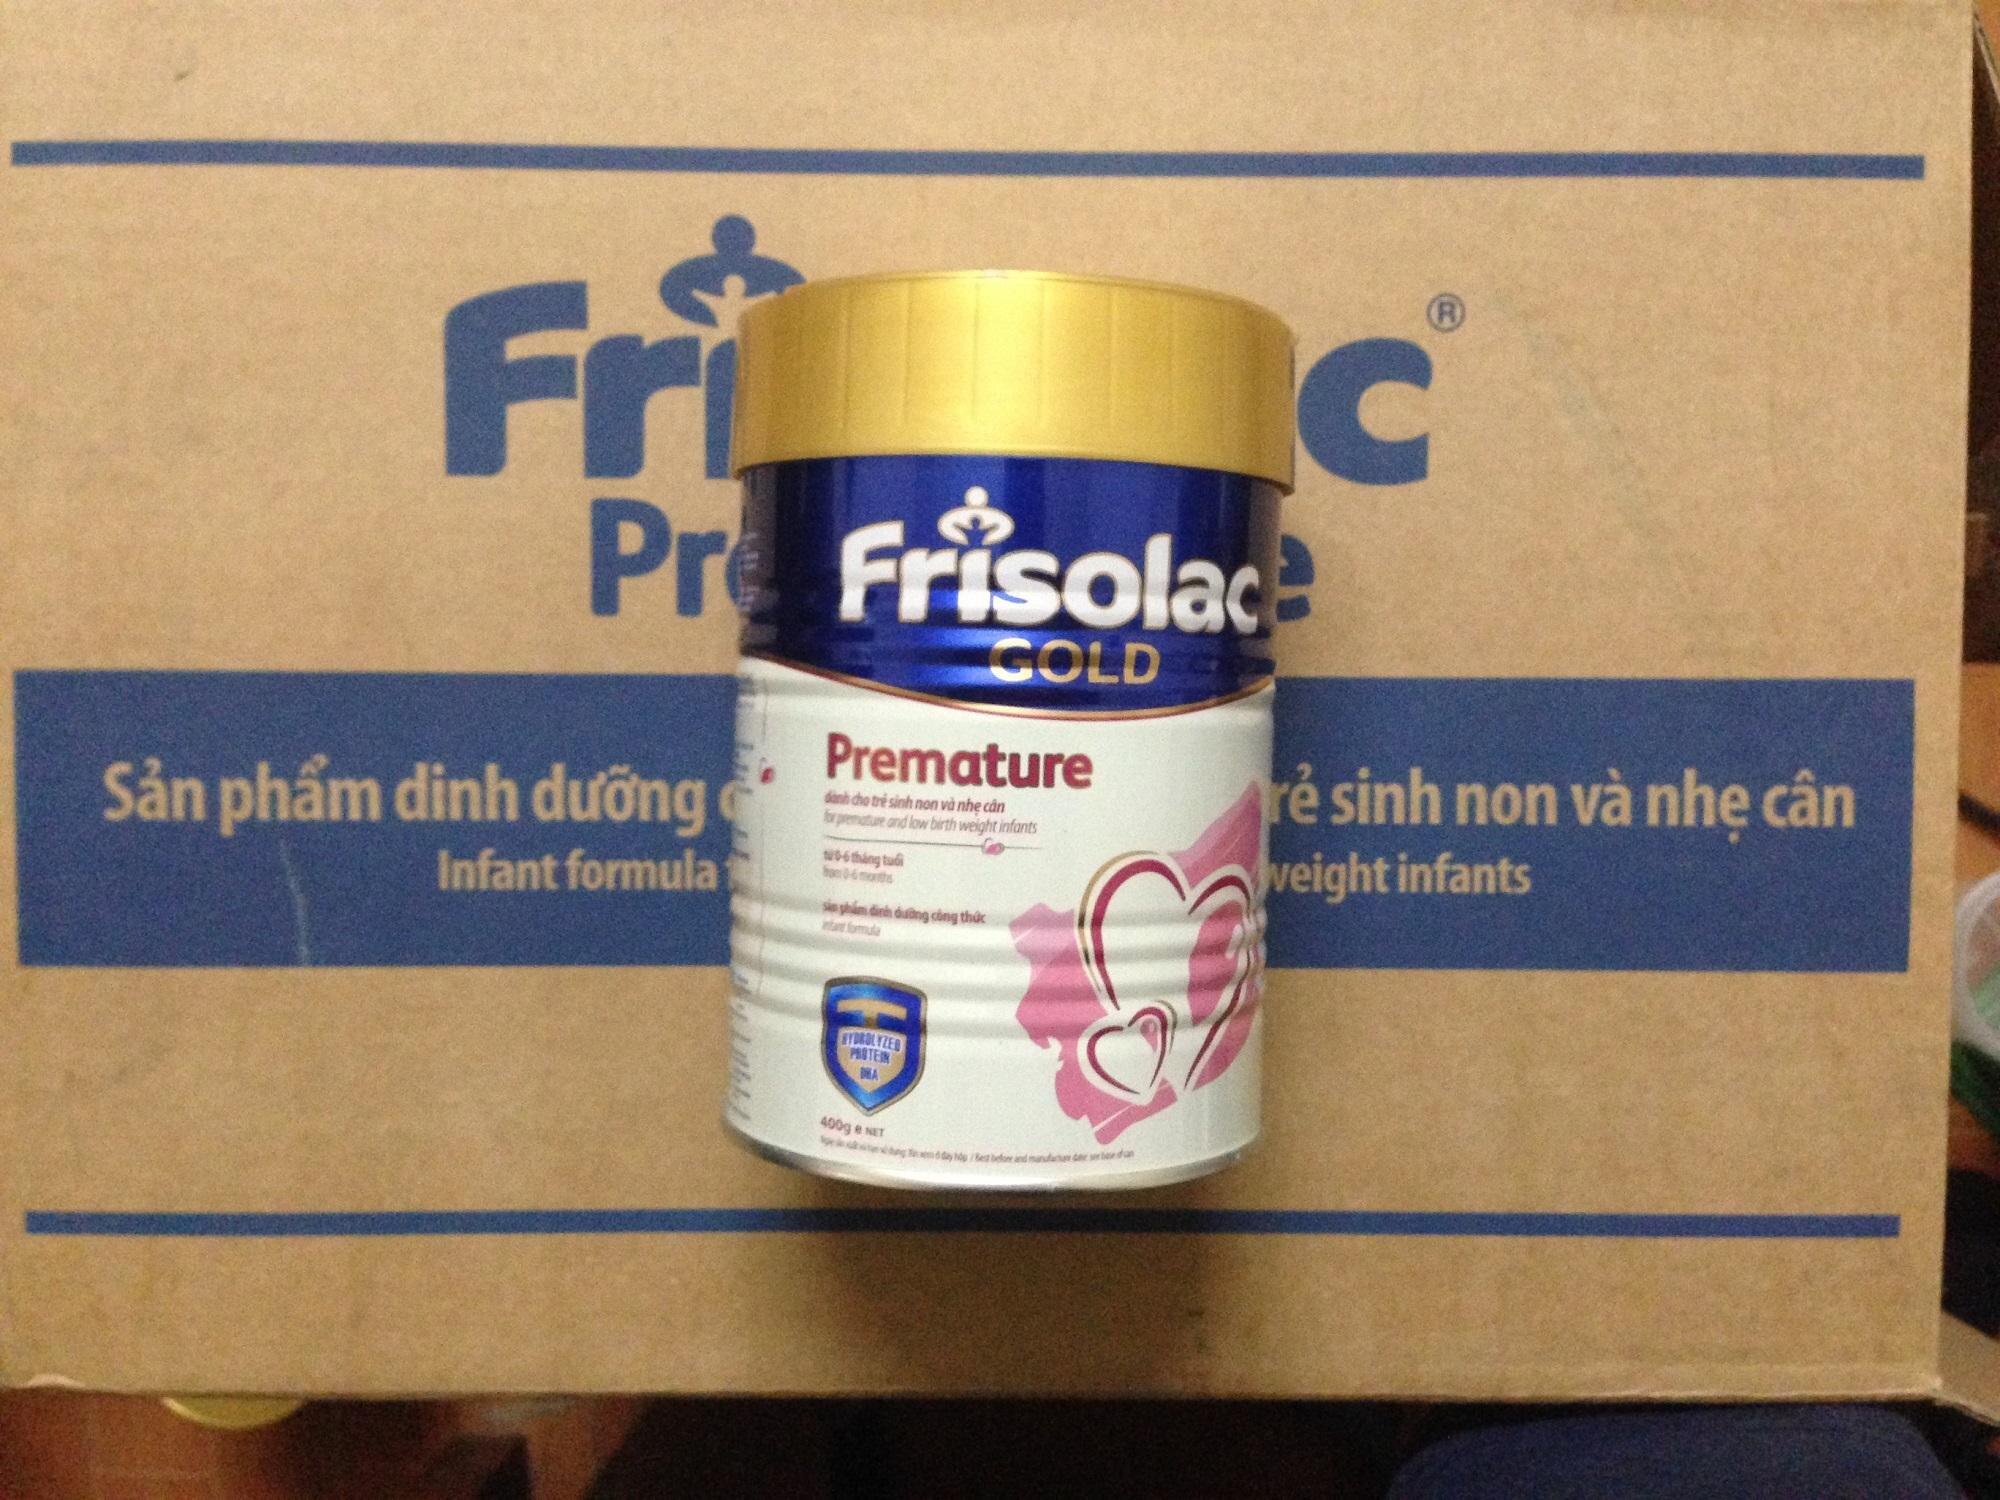 Sản phẩm sữa Friso hỗ trợ tuyệt vời giai đoạn trẻ sinh non, thiếu cân